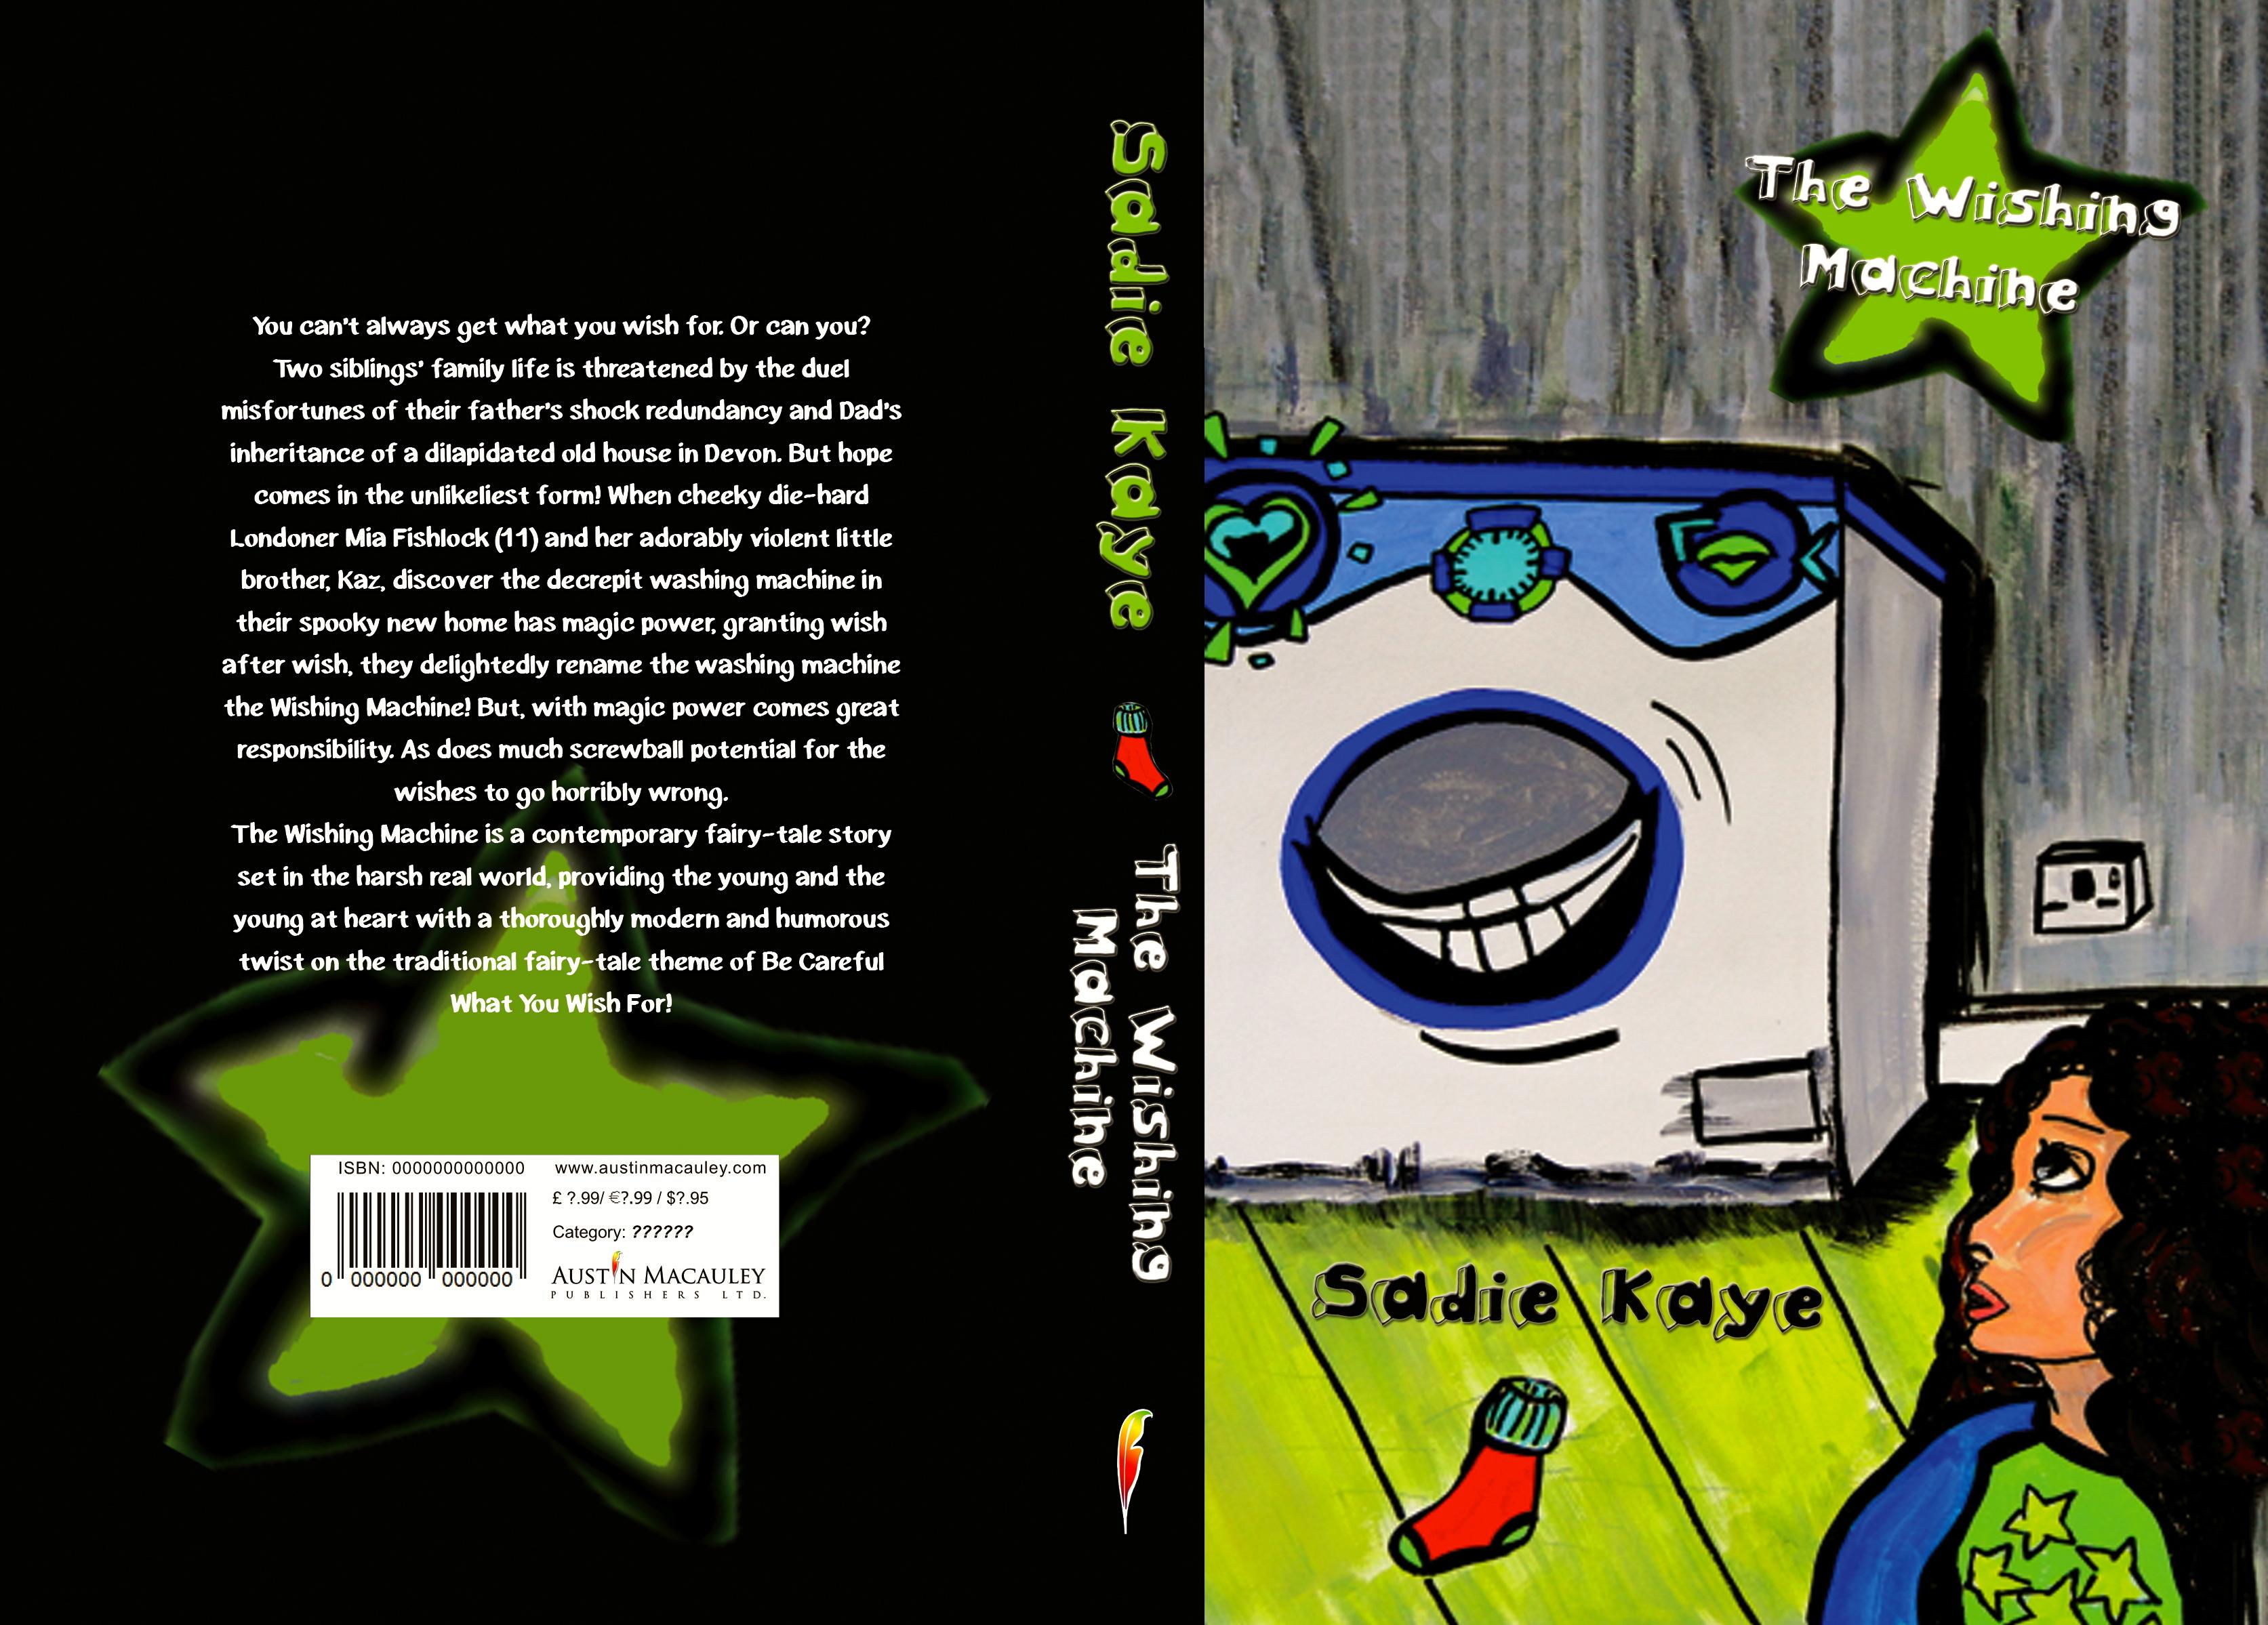 Sadie Kaye - Full Cover Spread